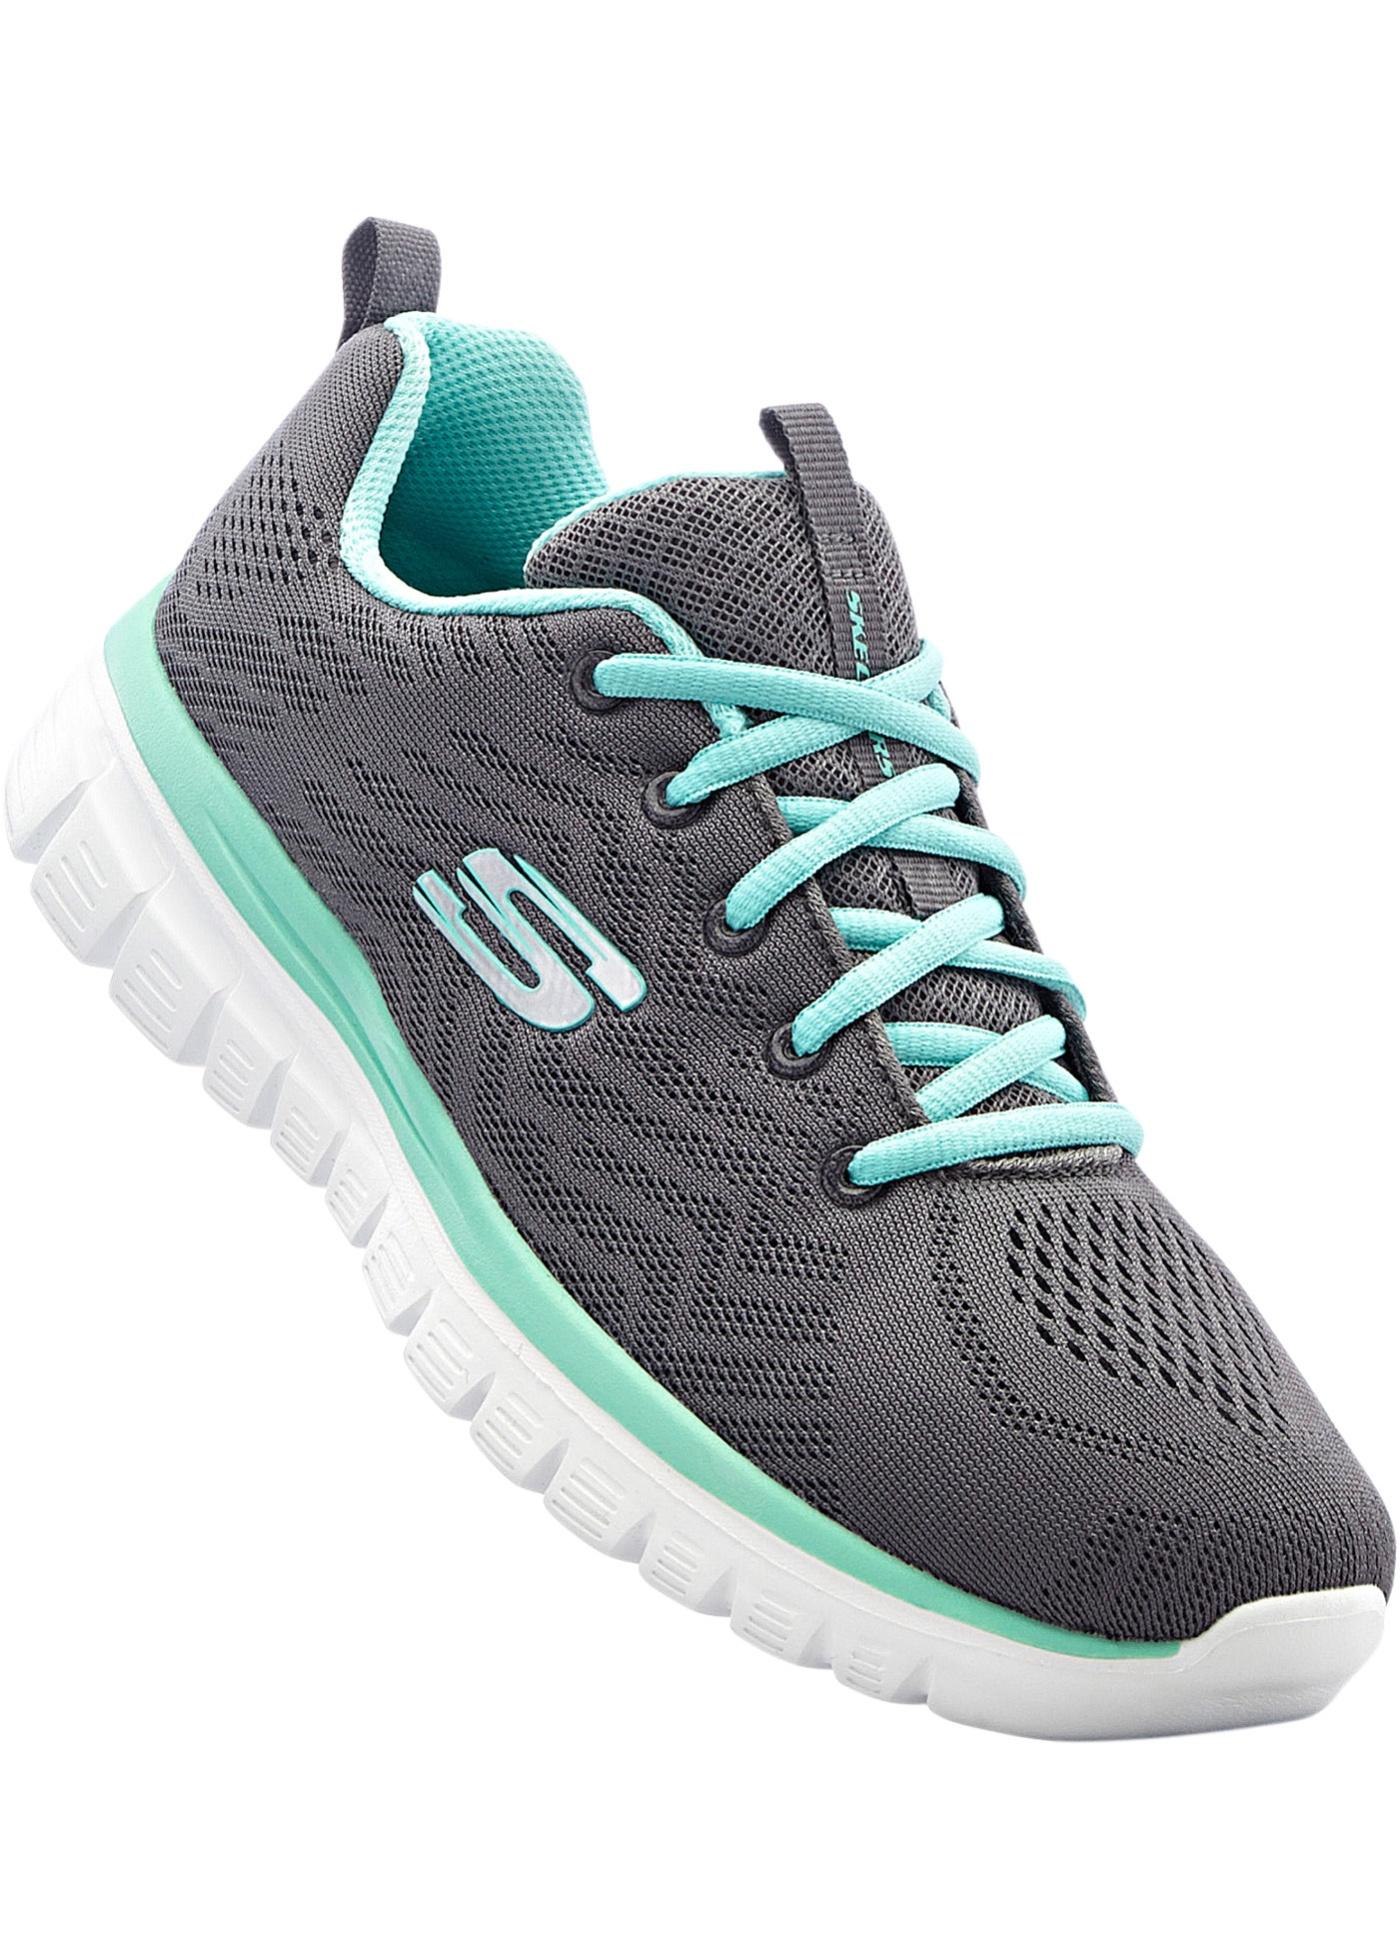 Sportives et mode, avec lacets, Skechers avec semelle à mémoire de forme.